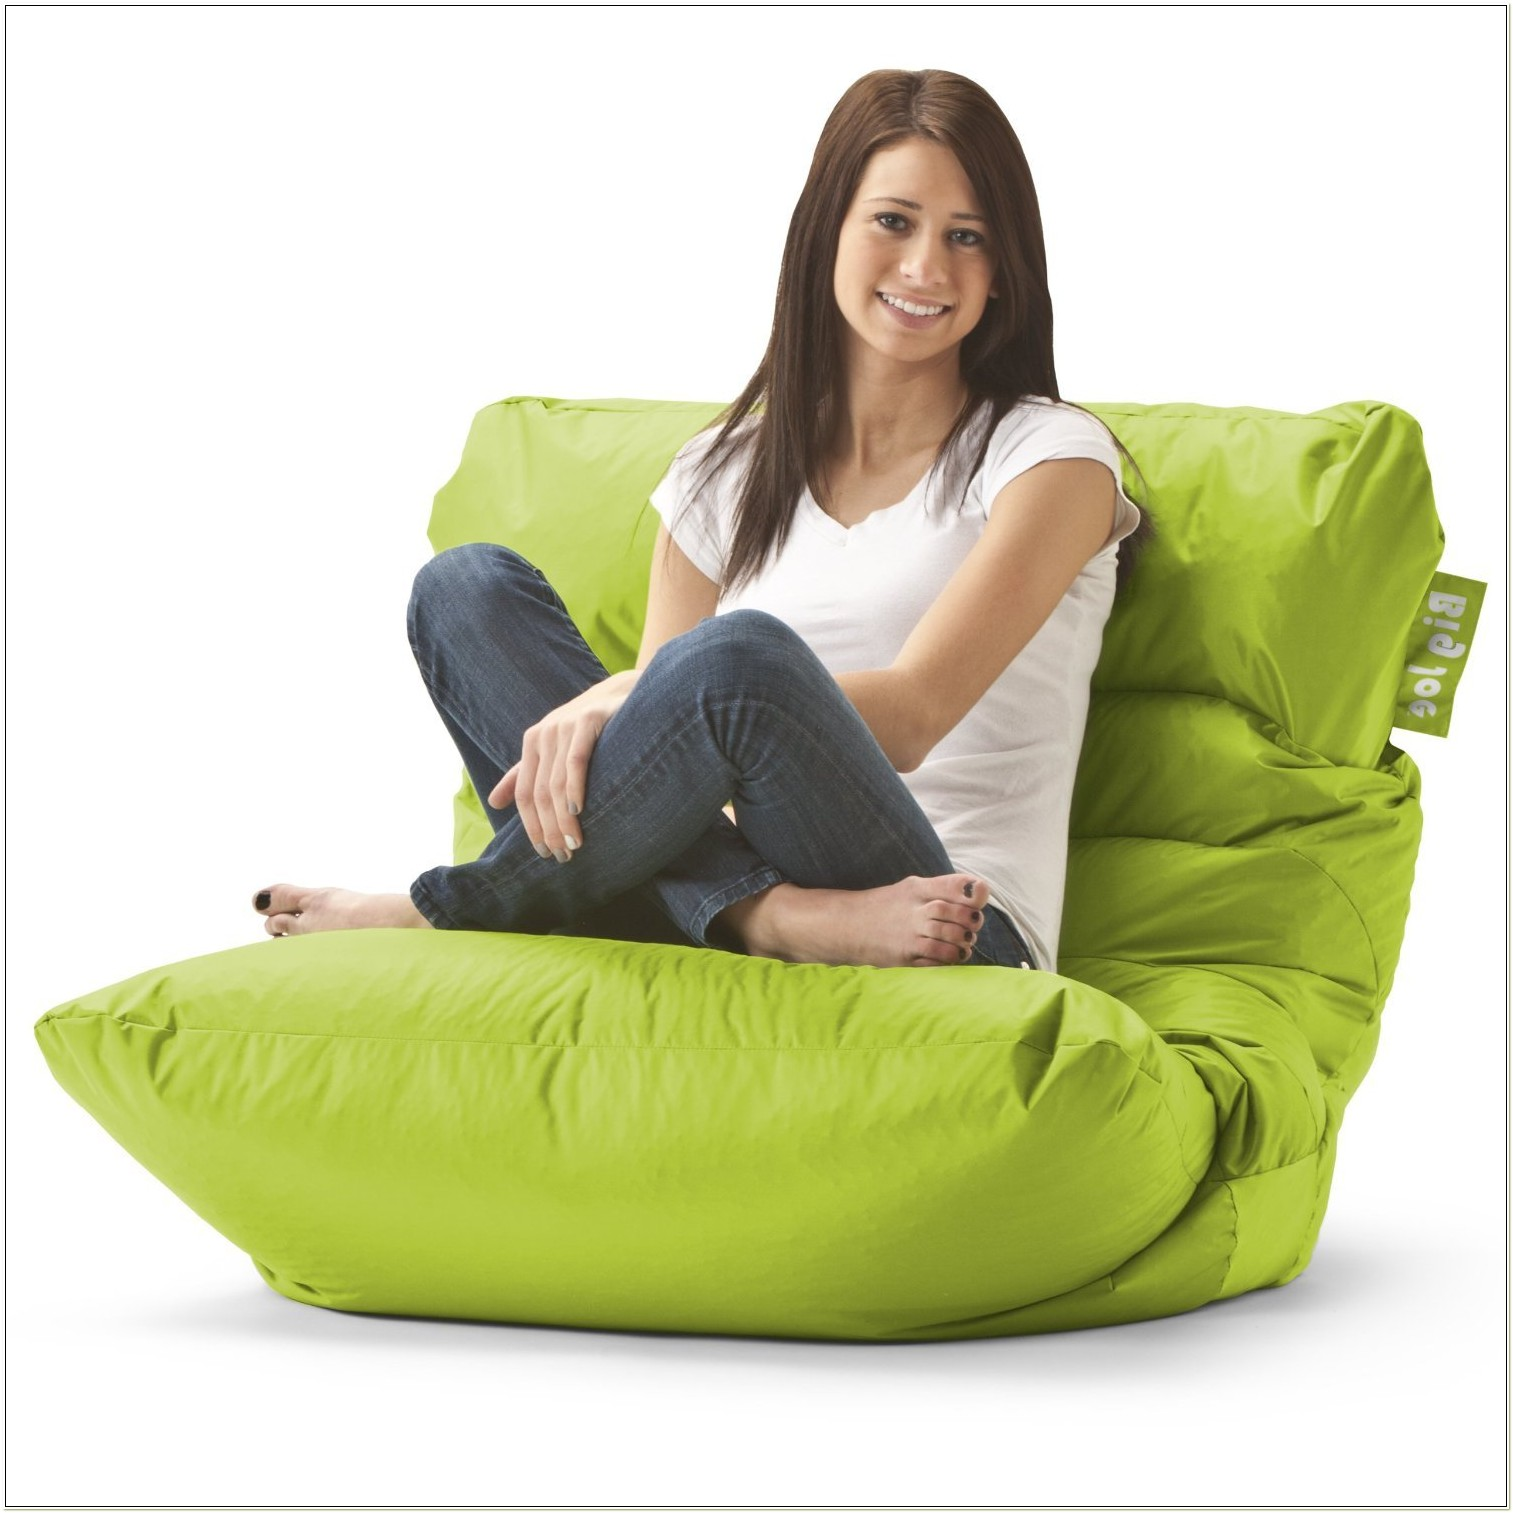 Lime Green Beanbag Chair Canada